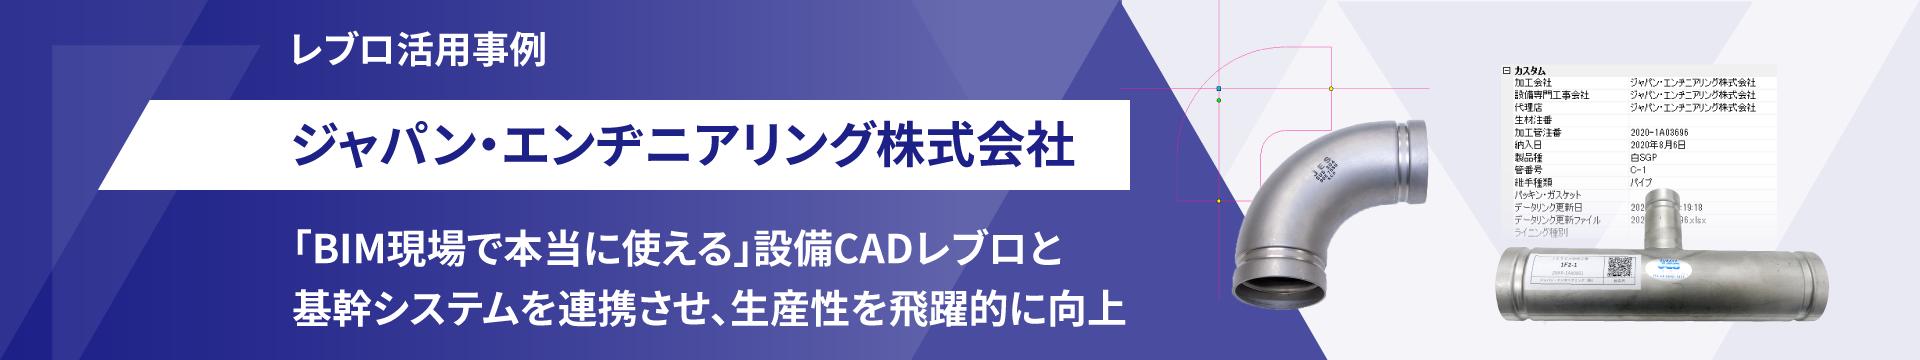 ユーザー事例 ジャパン・エンヂニアリング株式会社